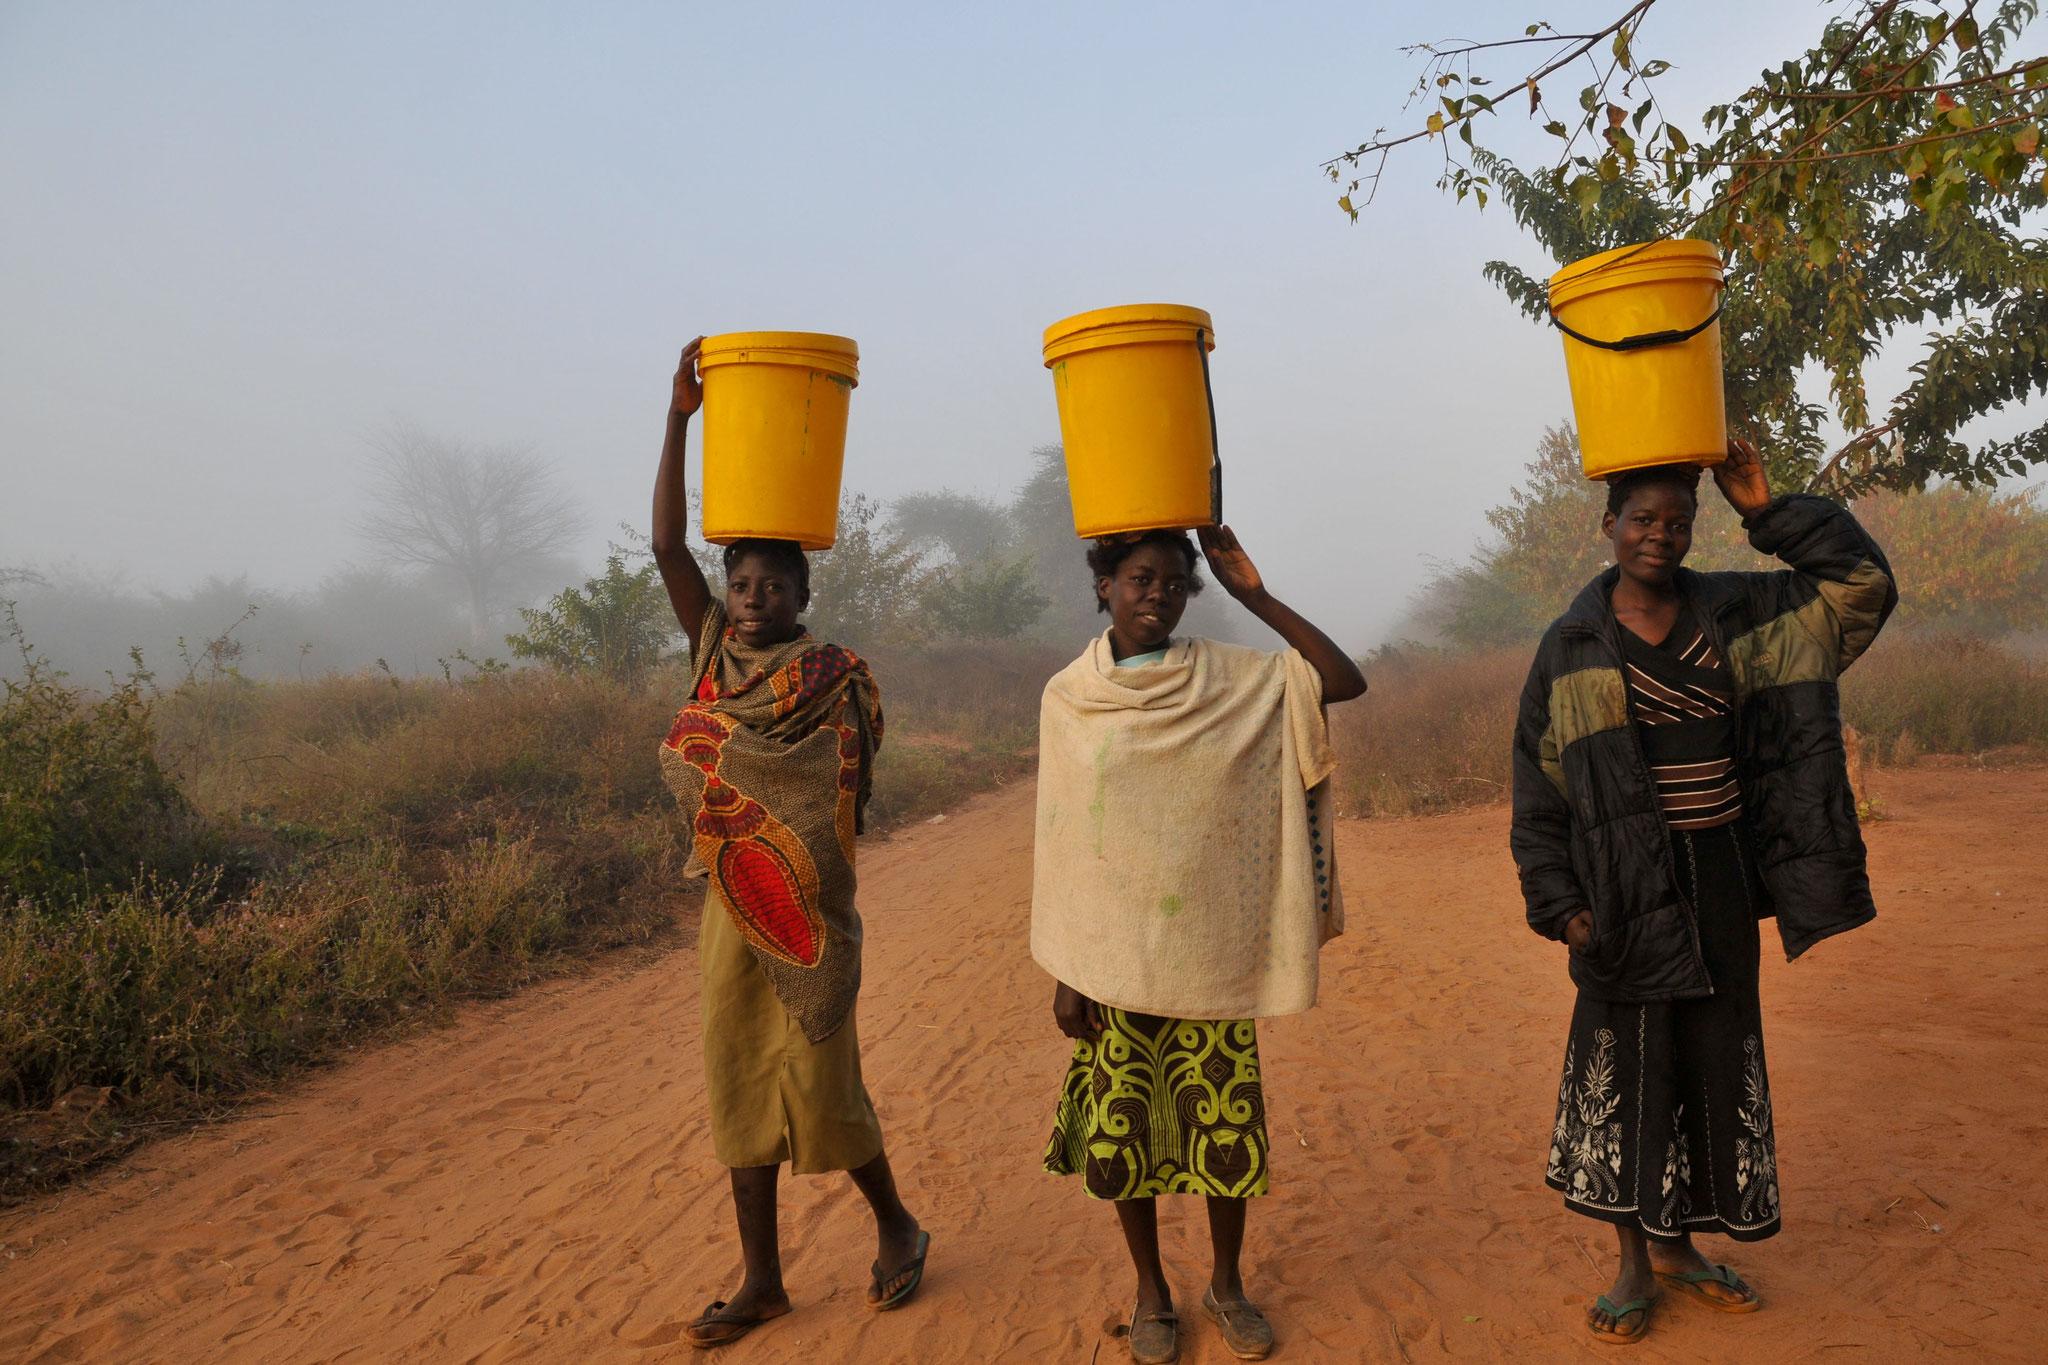 Kulturen in Sambia